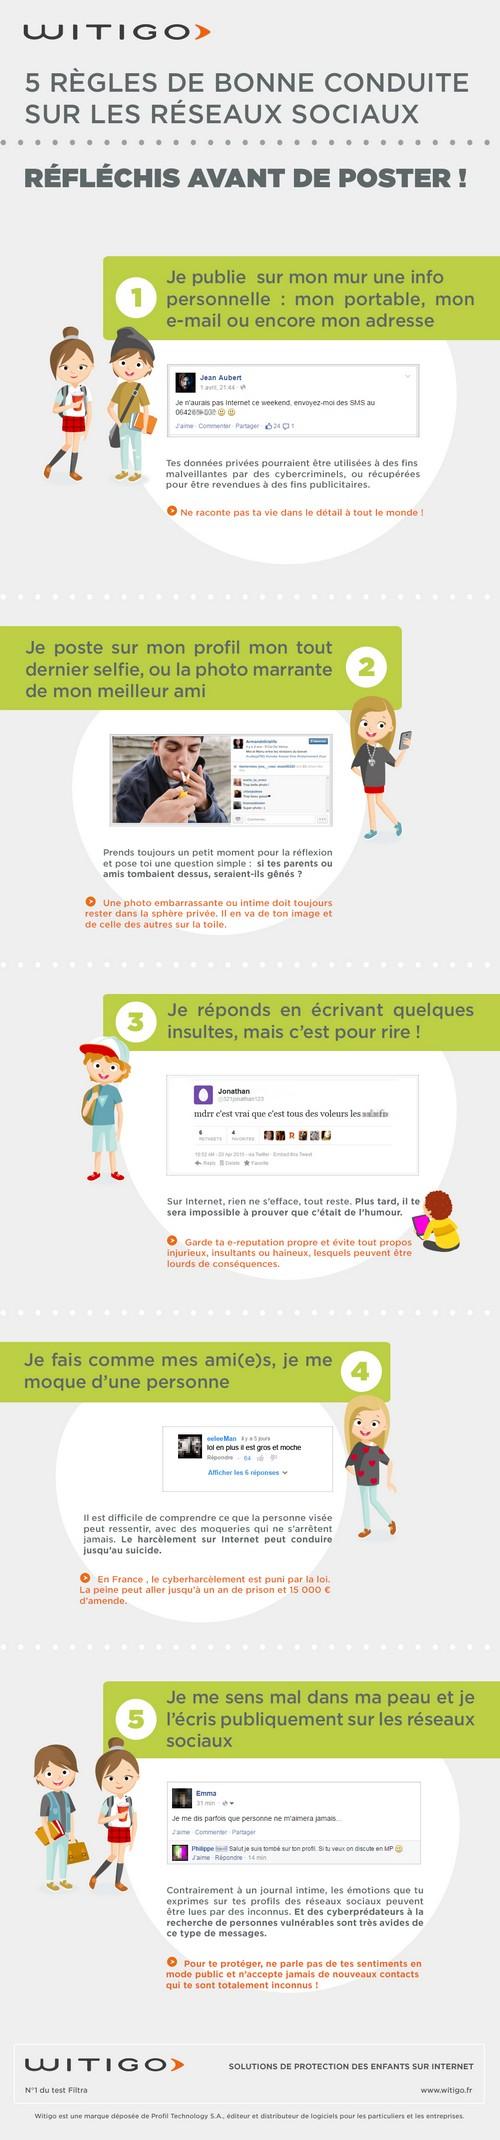 5-conseils-avant-de-poster-sur-reseaux-sociaux-witigo